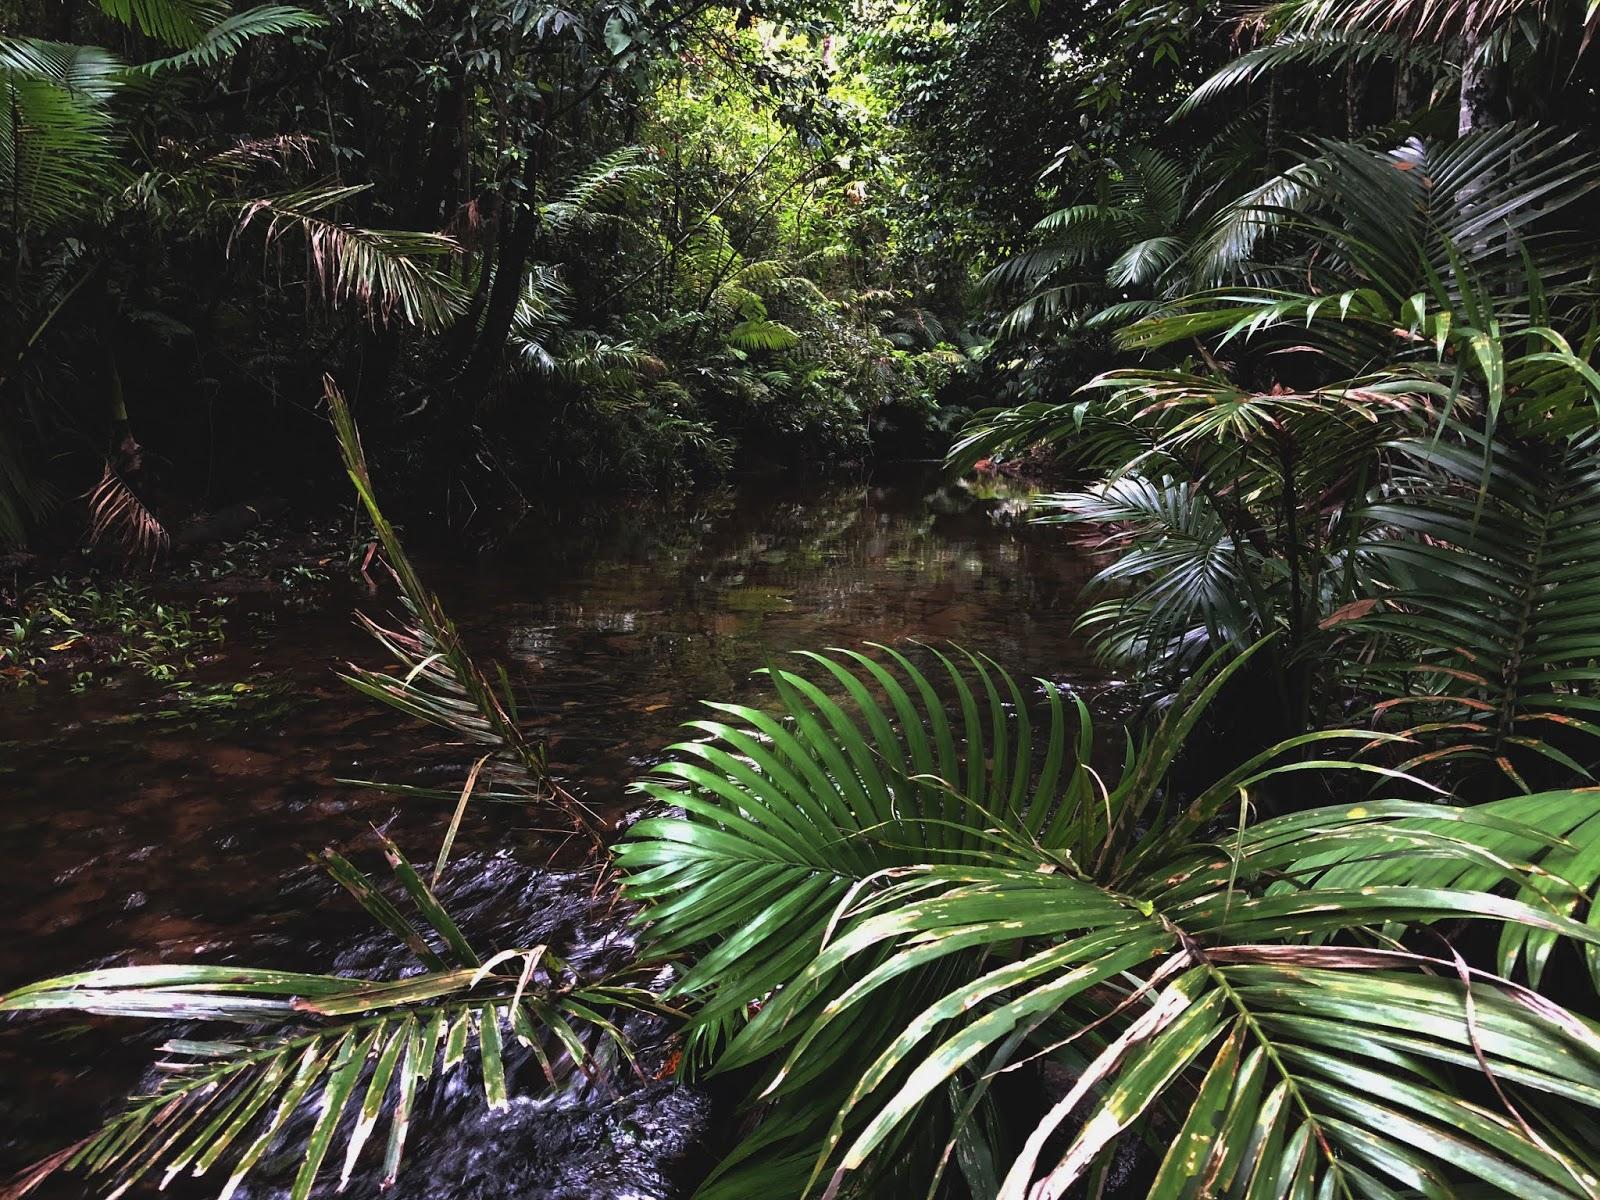 Las deszczowy w australijskim miasteczku Mission Beach. Mała rzeka przepływa przez środek dżungli.